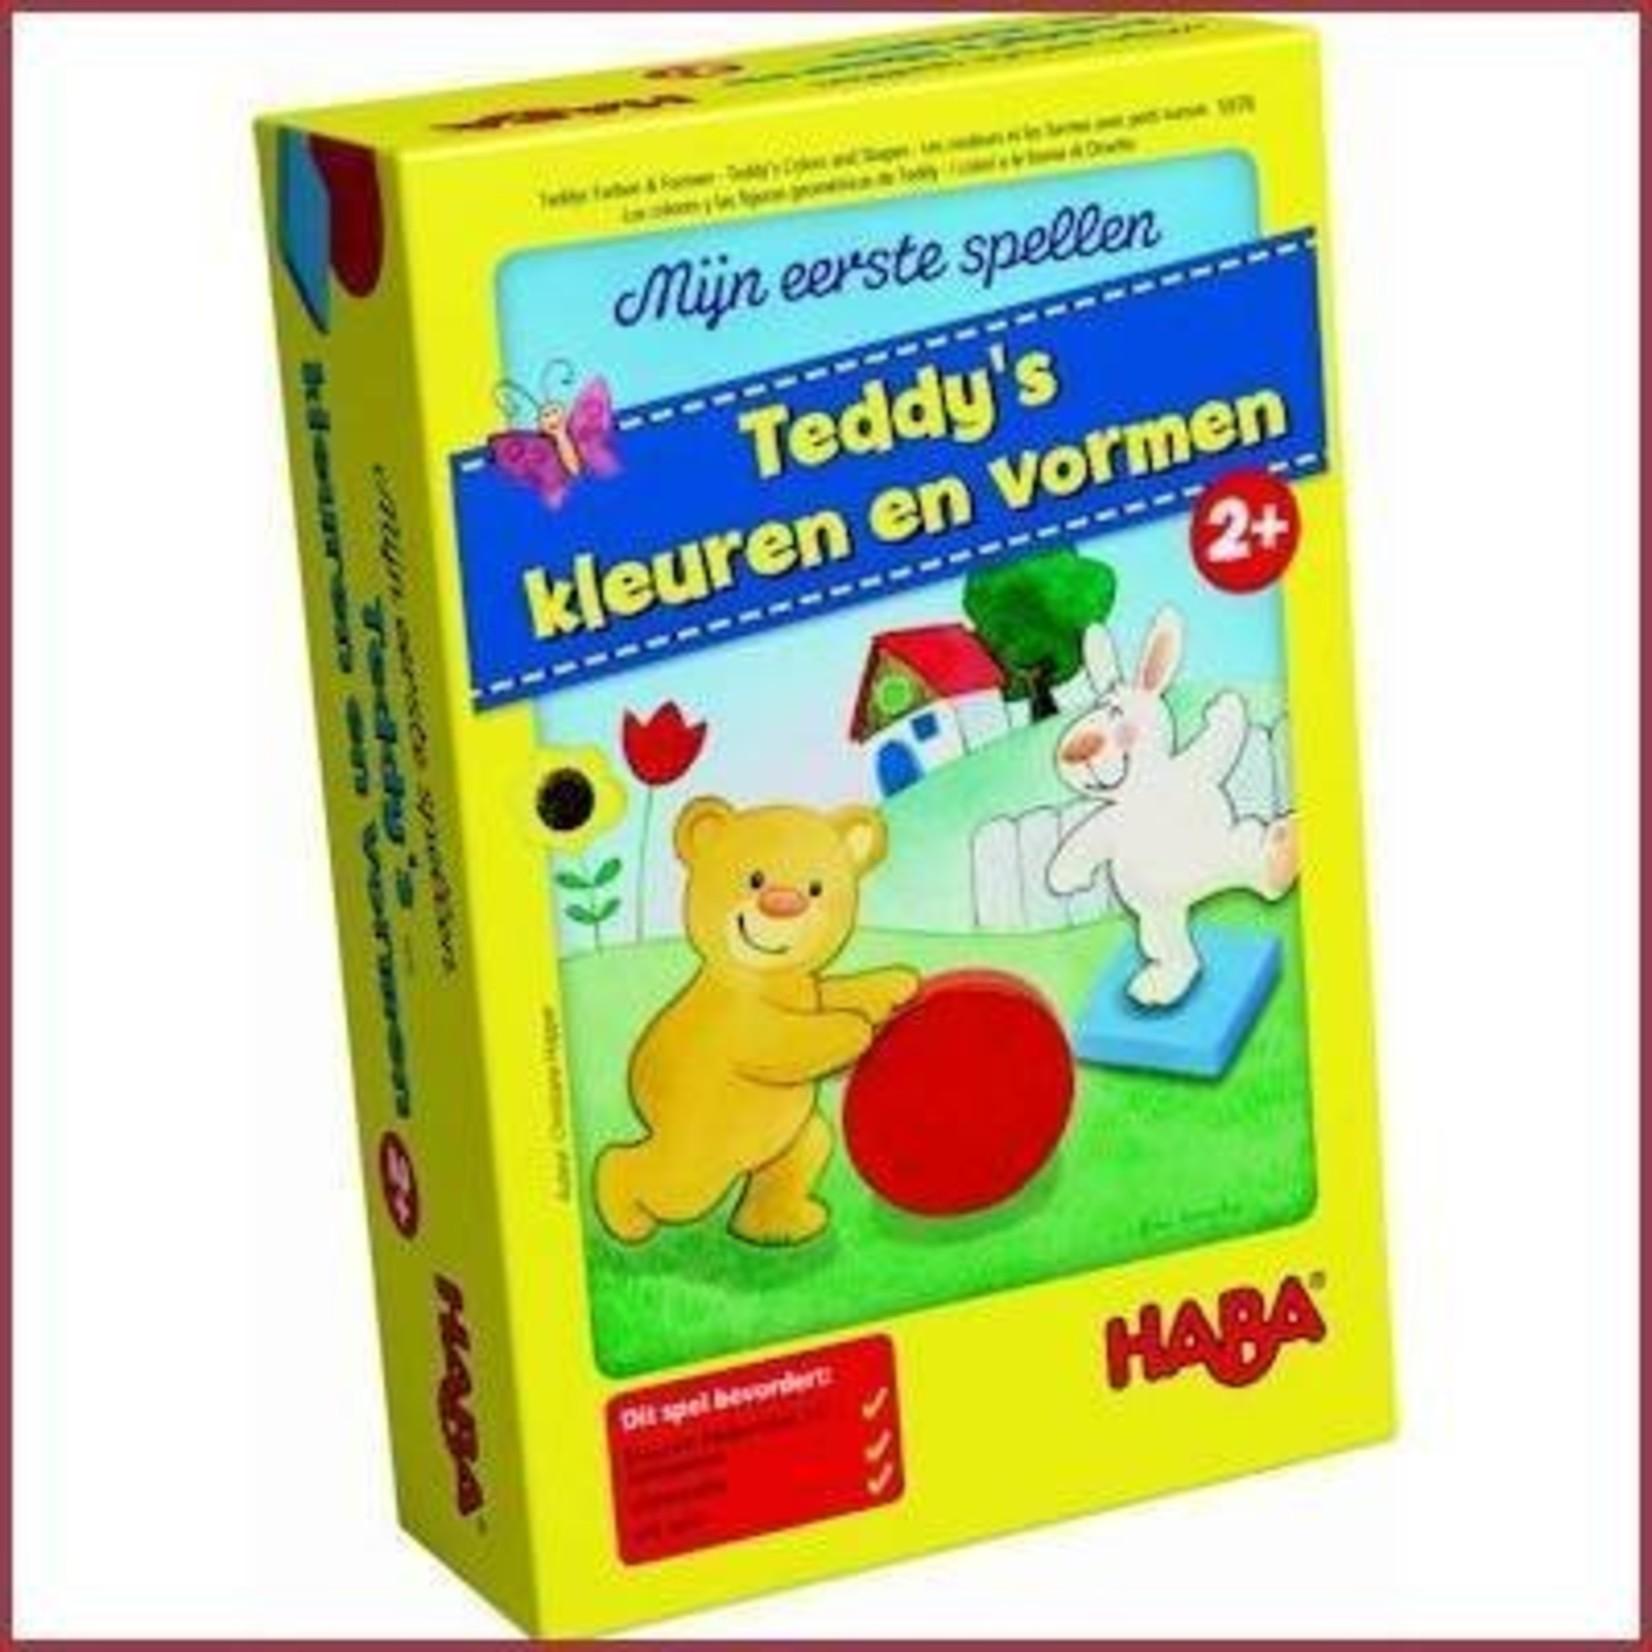 Haba Mijn eerste spel - Teddy's kleuren en vormen